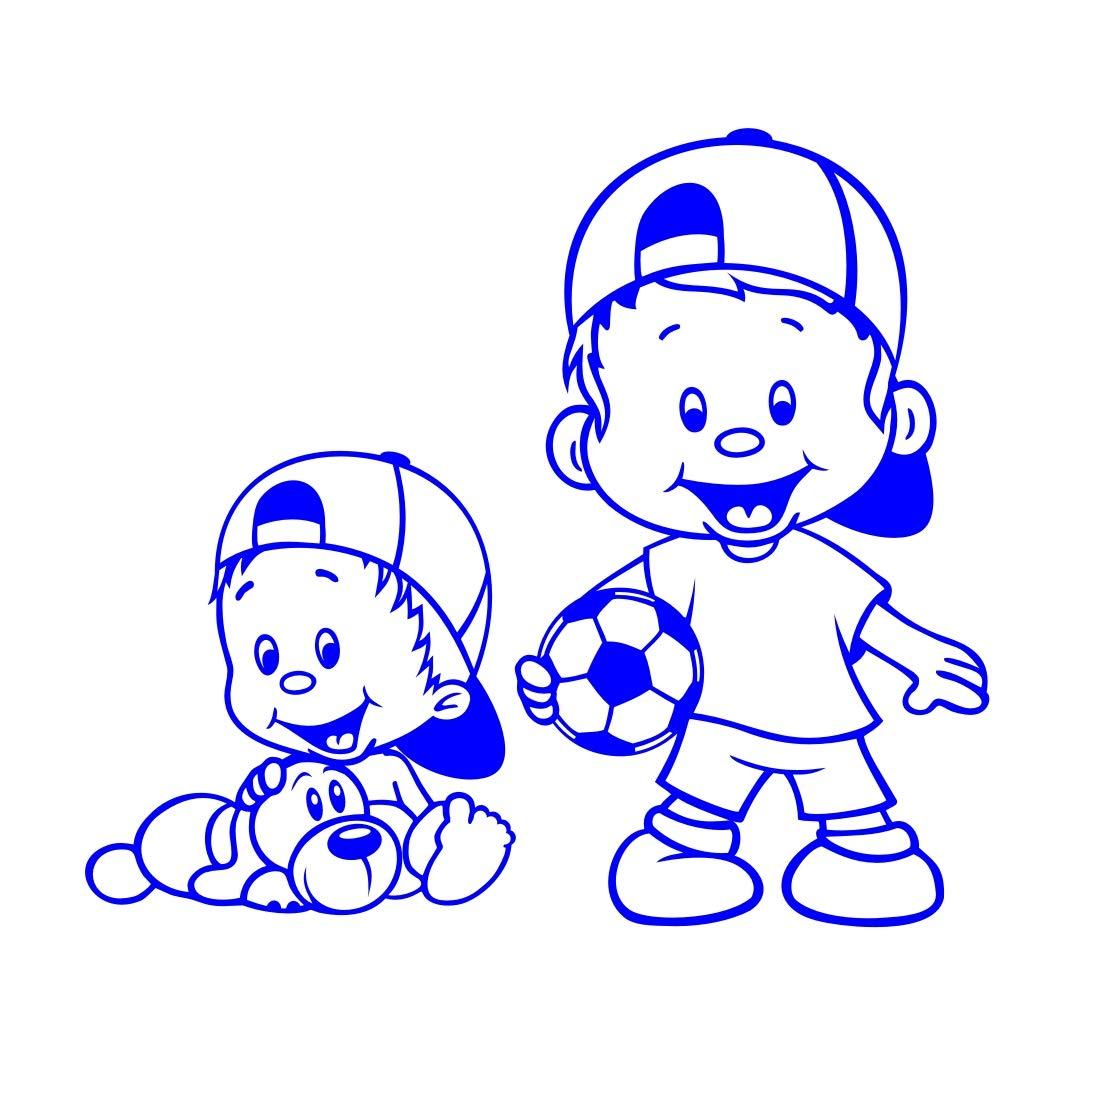 Babyaufkleber Kinderaufkleber Mit Eigenem Spruch Wunschtext Gm 81 Baby